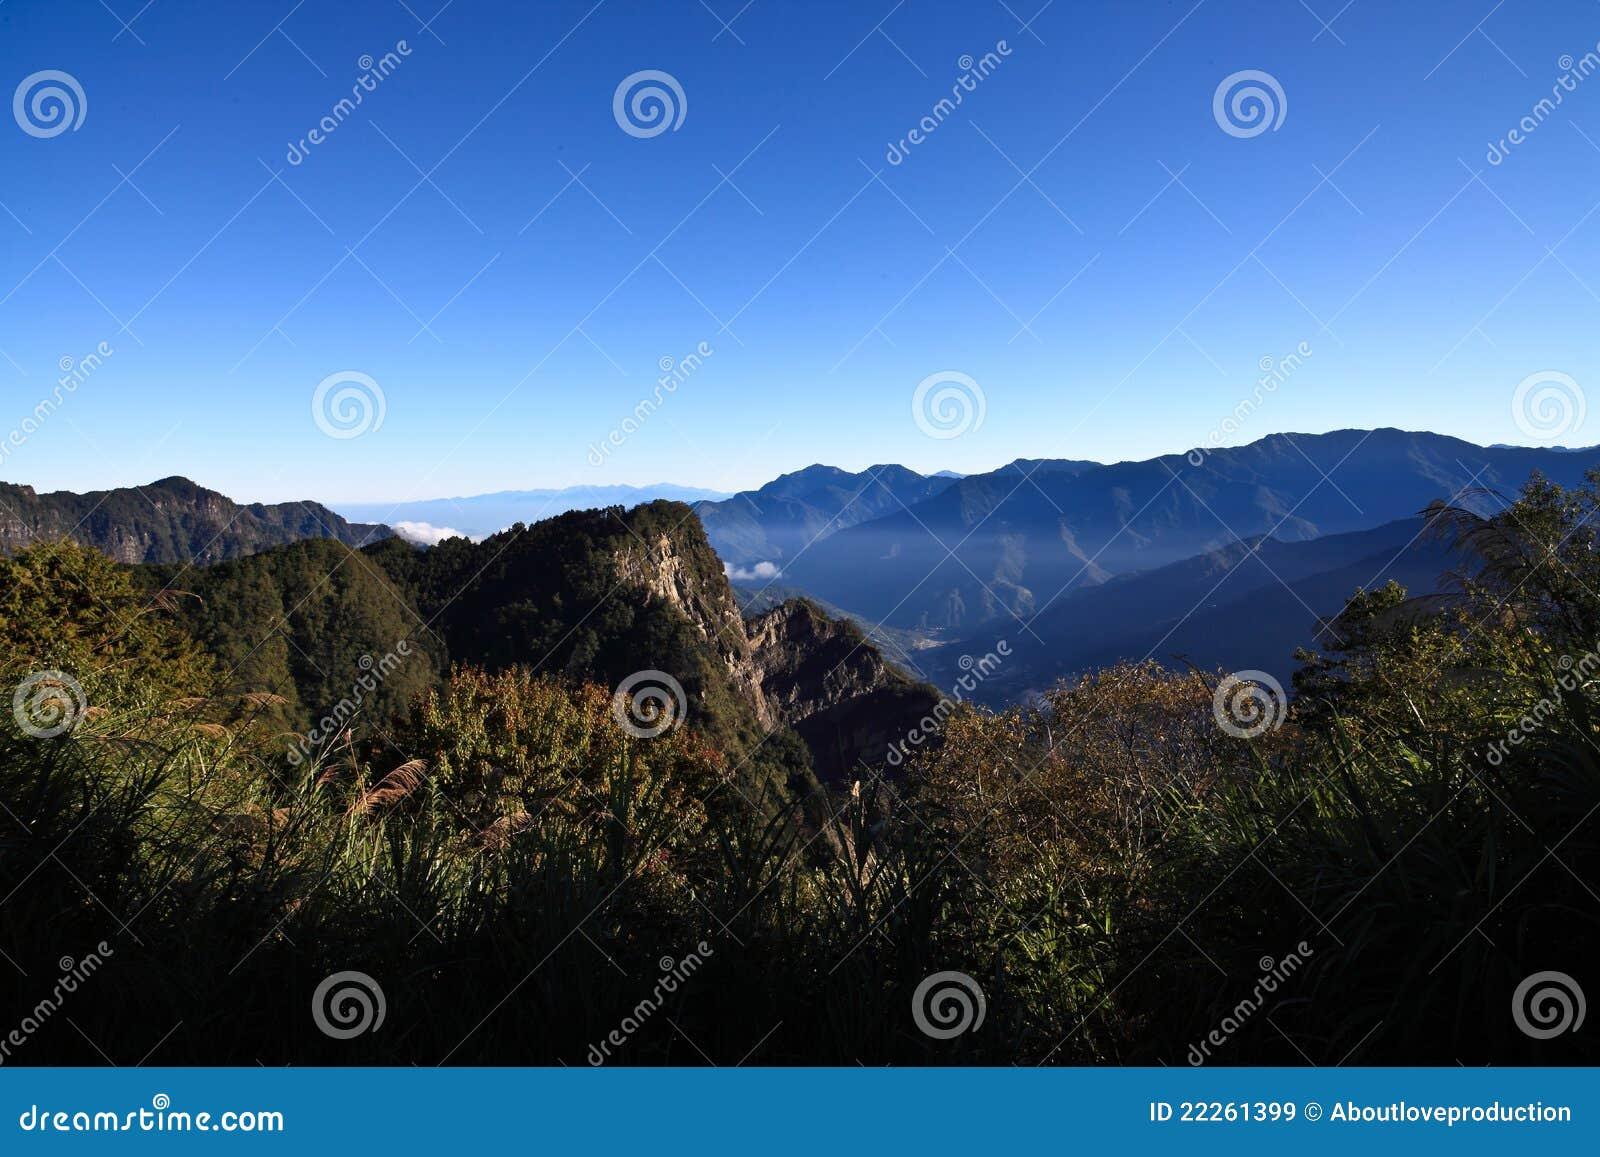 Taiwan - Alishan Royalty Free Stock Images - Image: 22261399